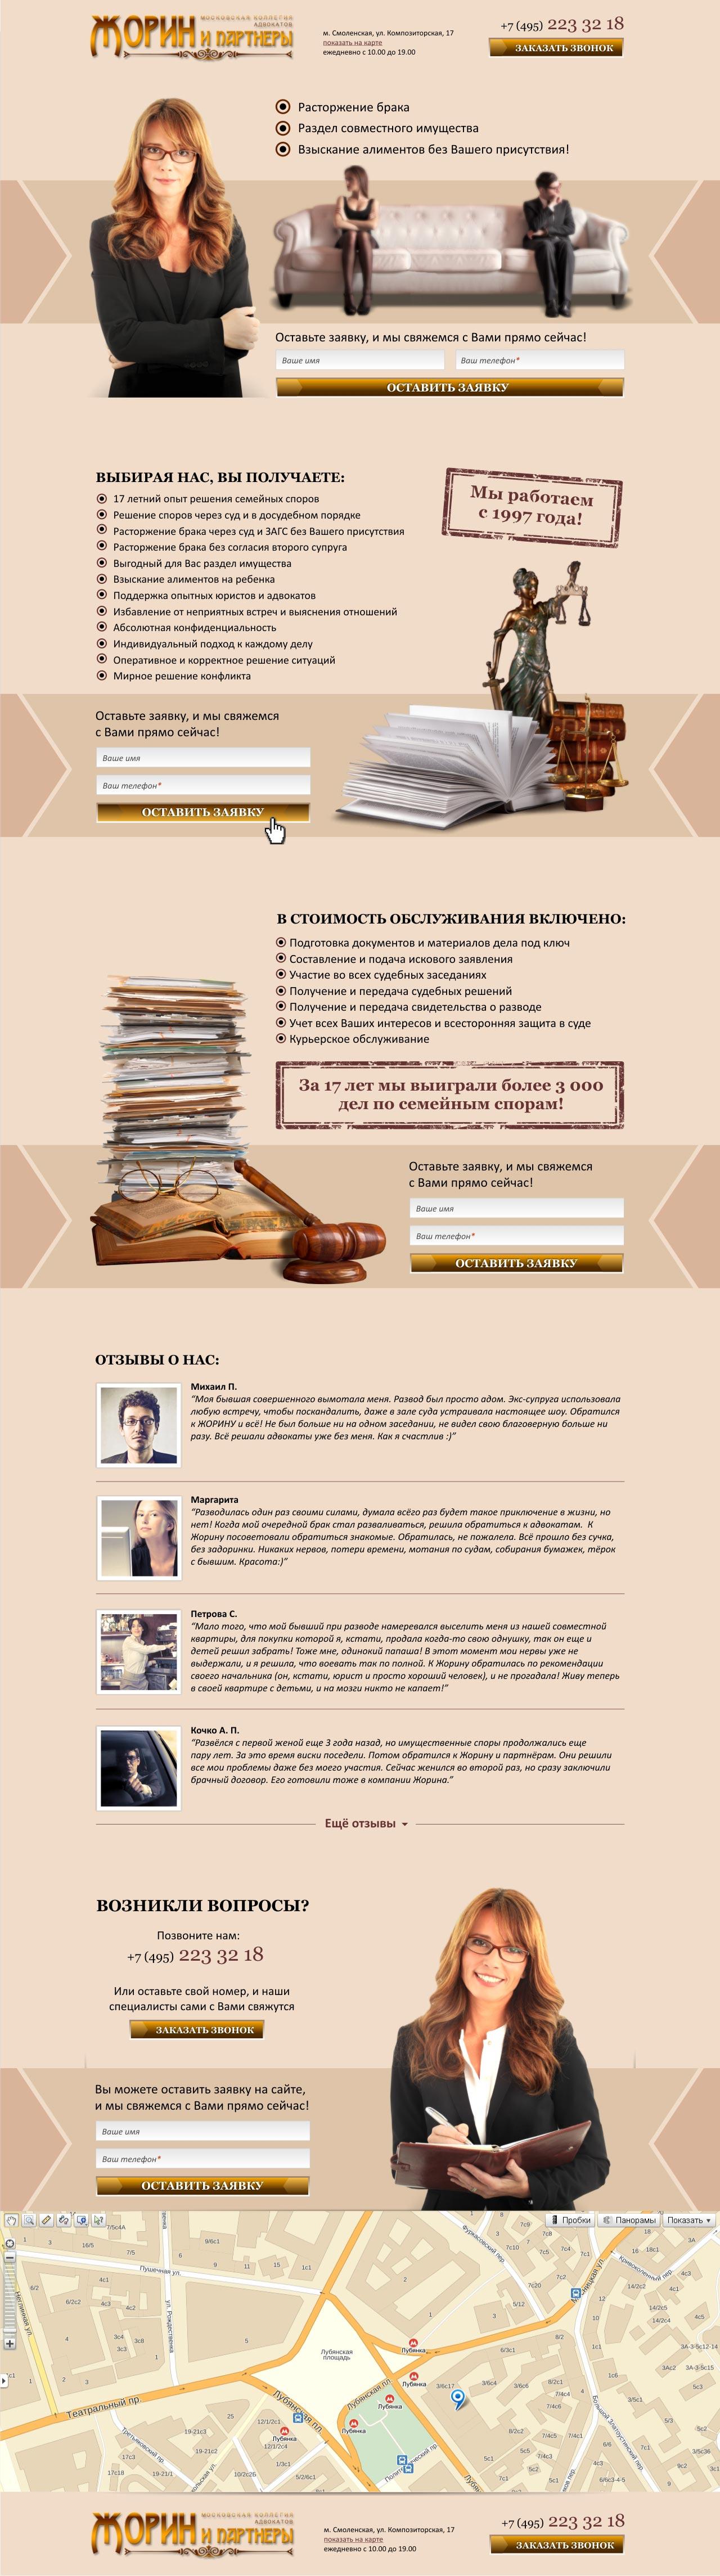 Семейный адвокат лэндинг